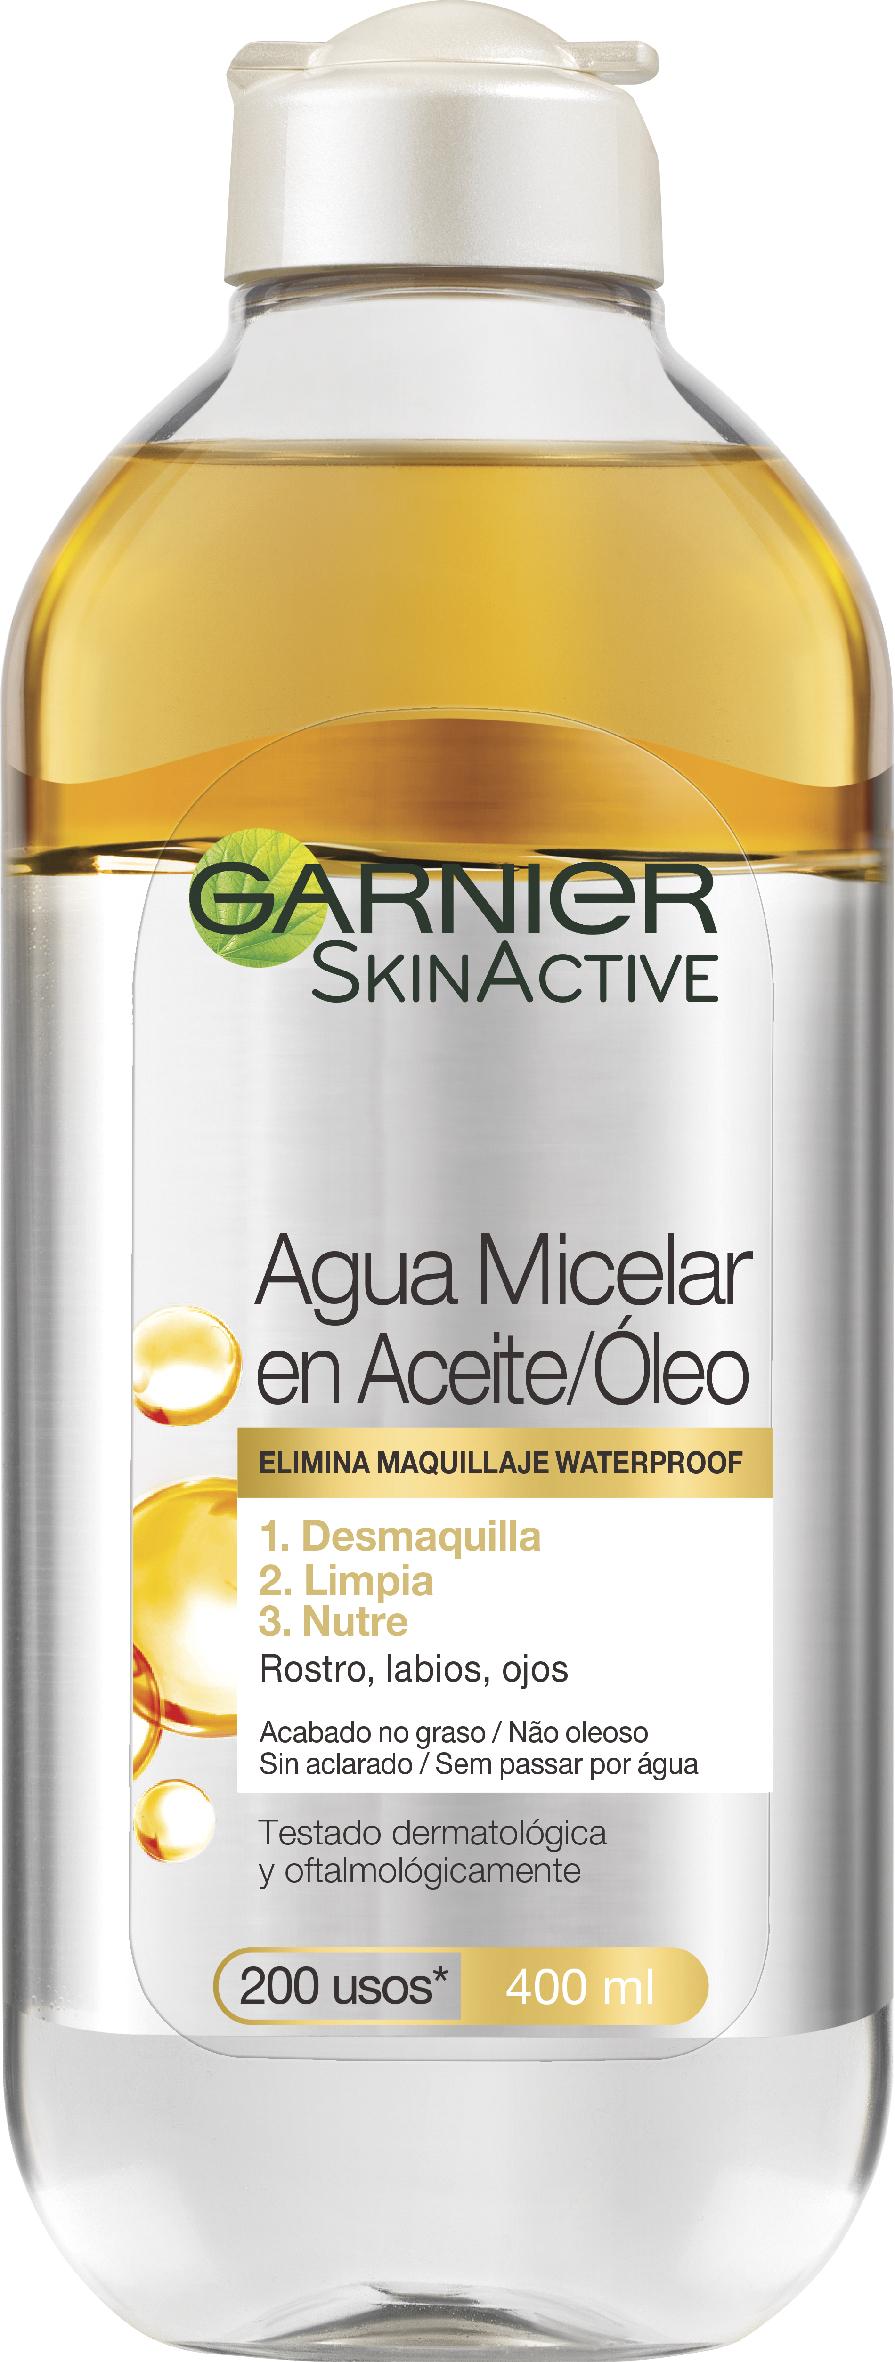 Agua Micelar en Aceite, de Garnier (4,95 euros). En su composición contiene óleo de argán.